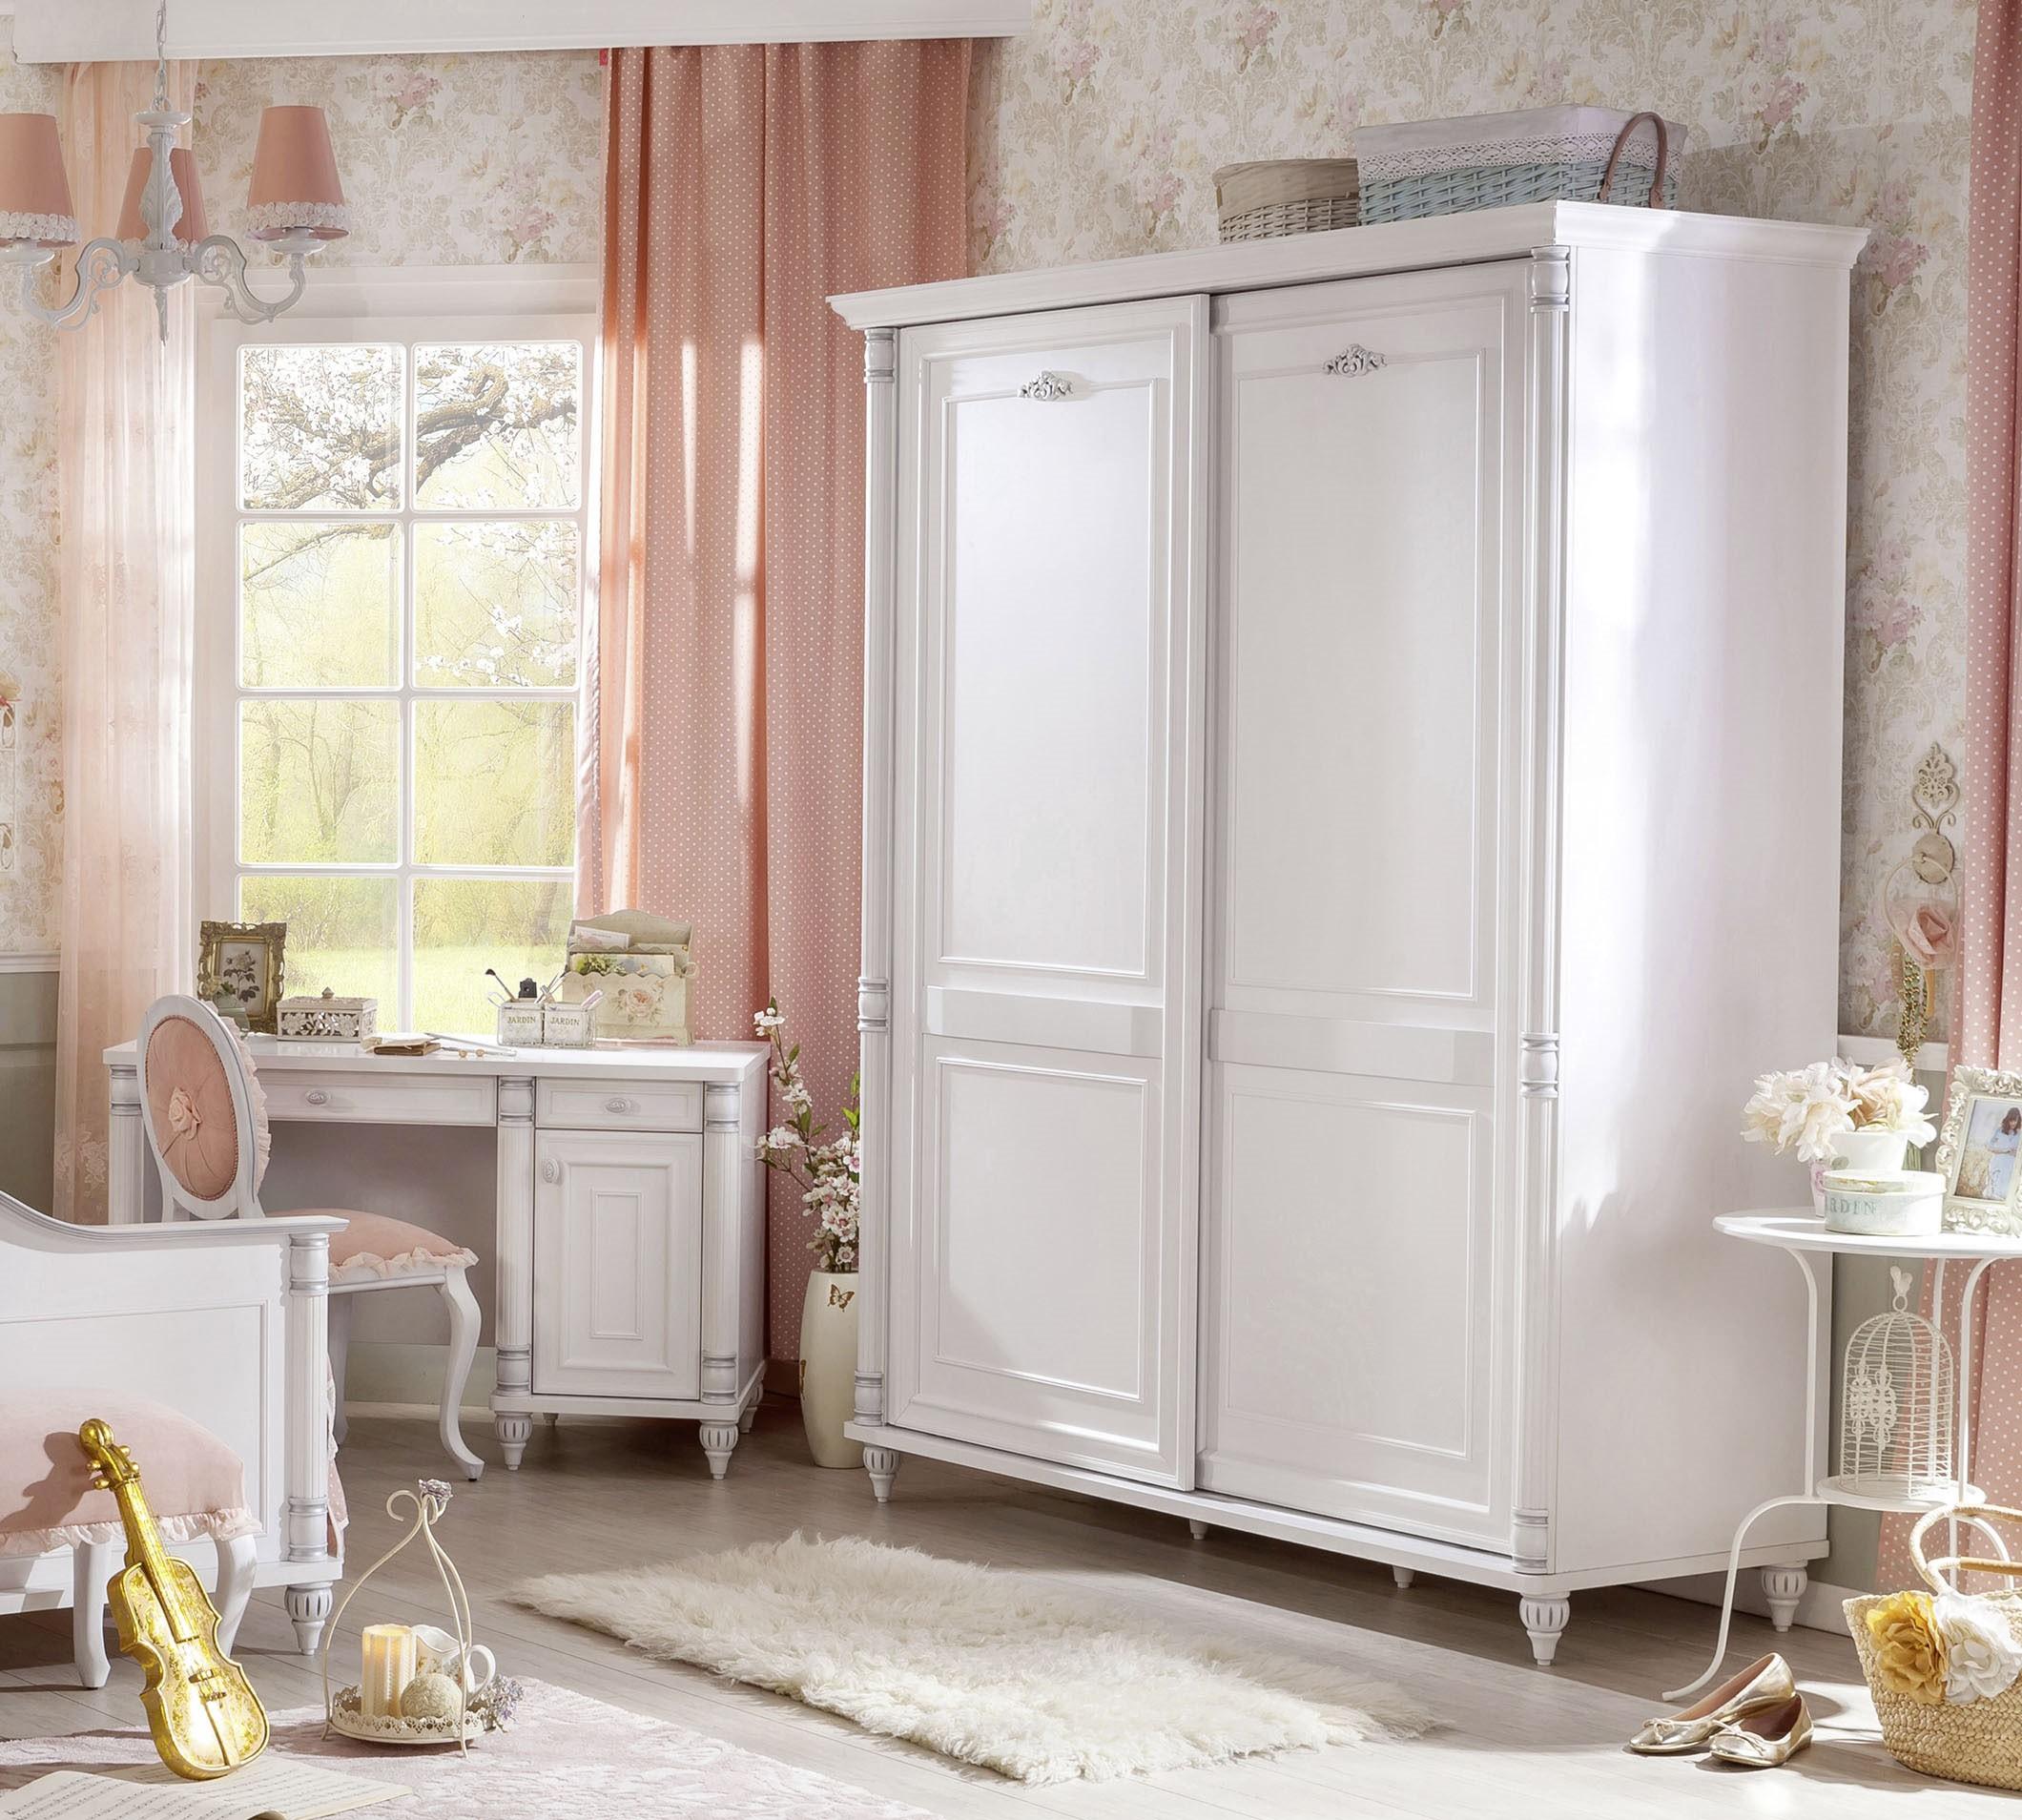 Romantic schuifdeur kledingkast meisjes kamer Kinderkamer, kinderbed, terrashaard en barbecues